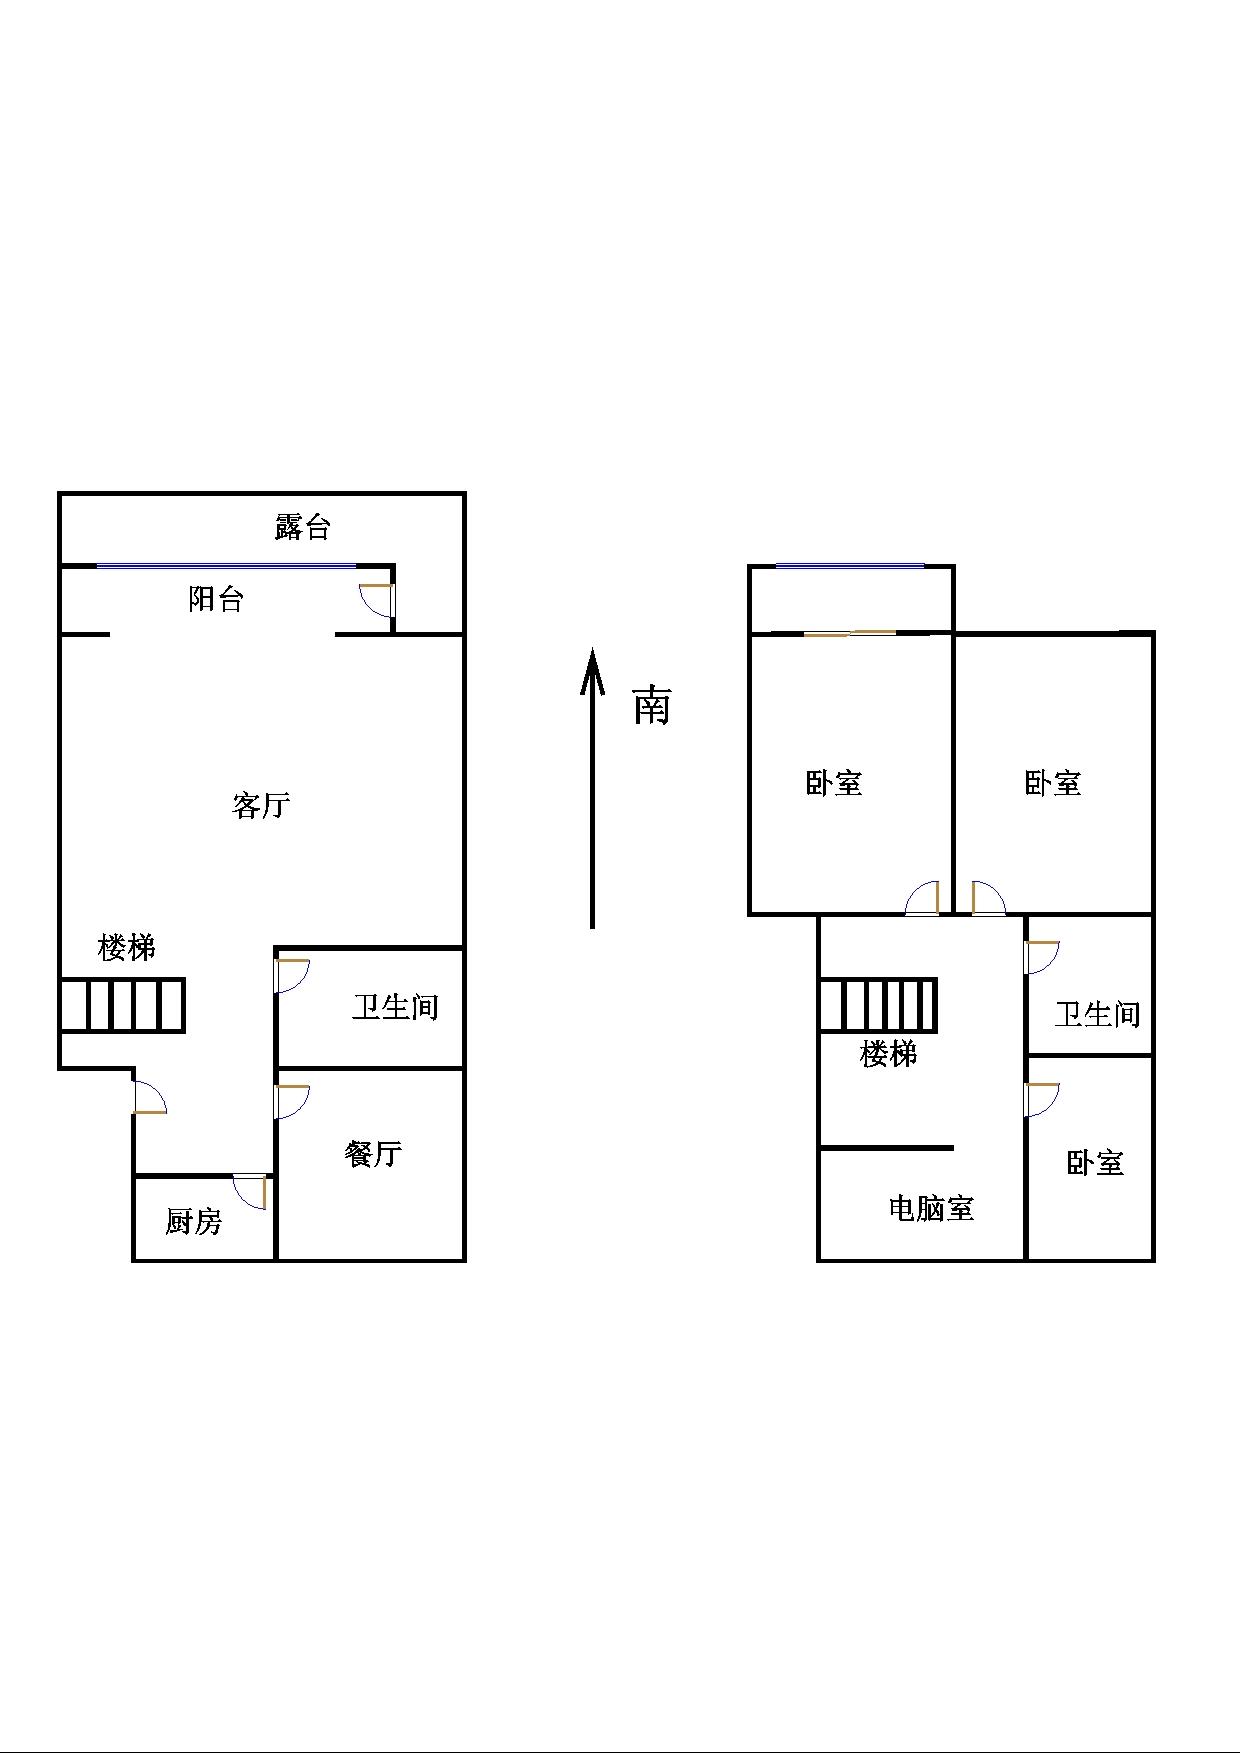 安然居宿舍 4室2厅 1楼